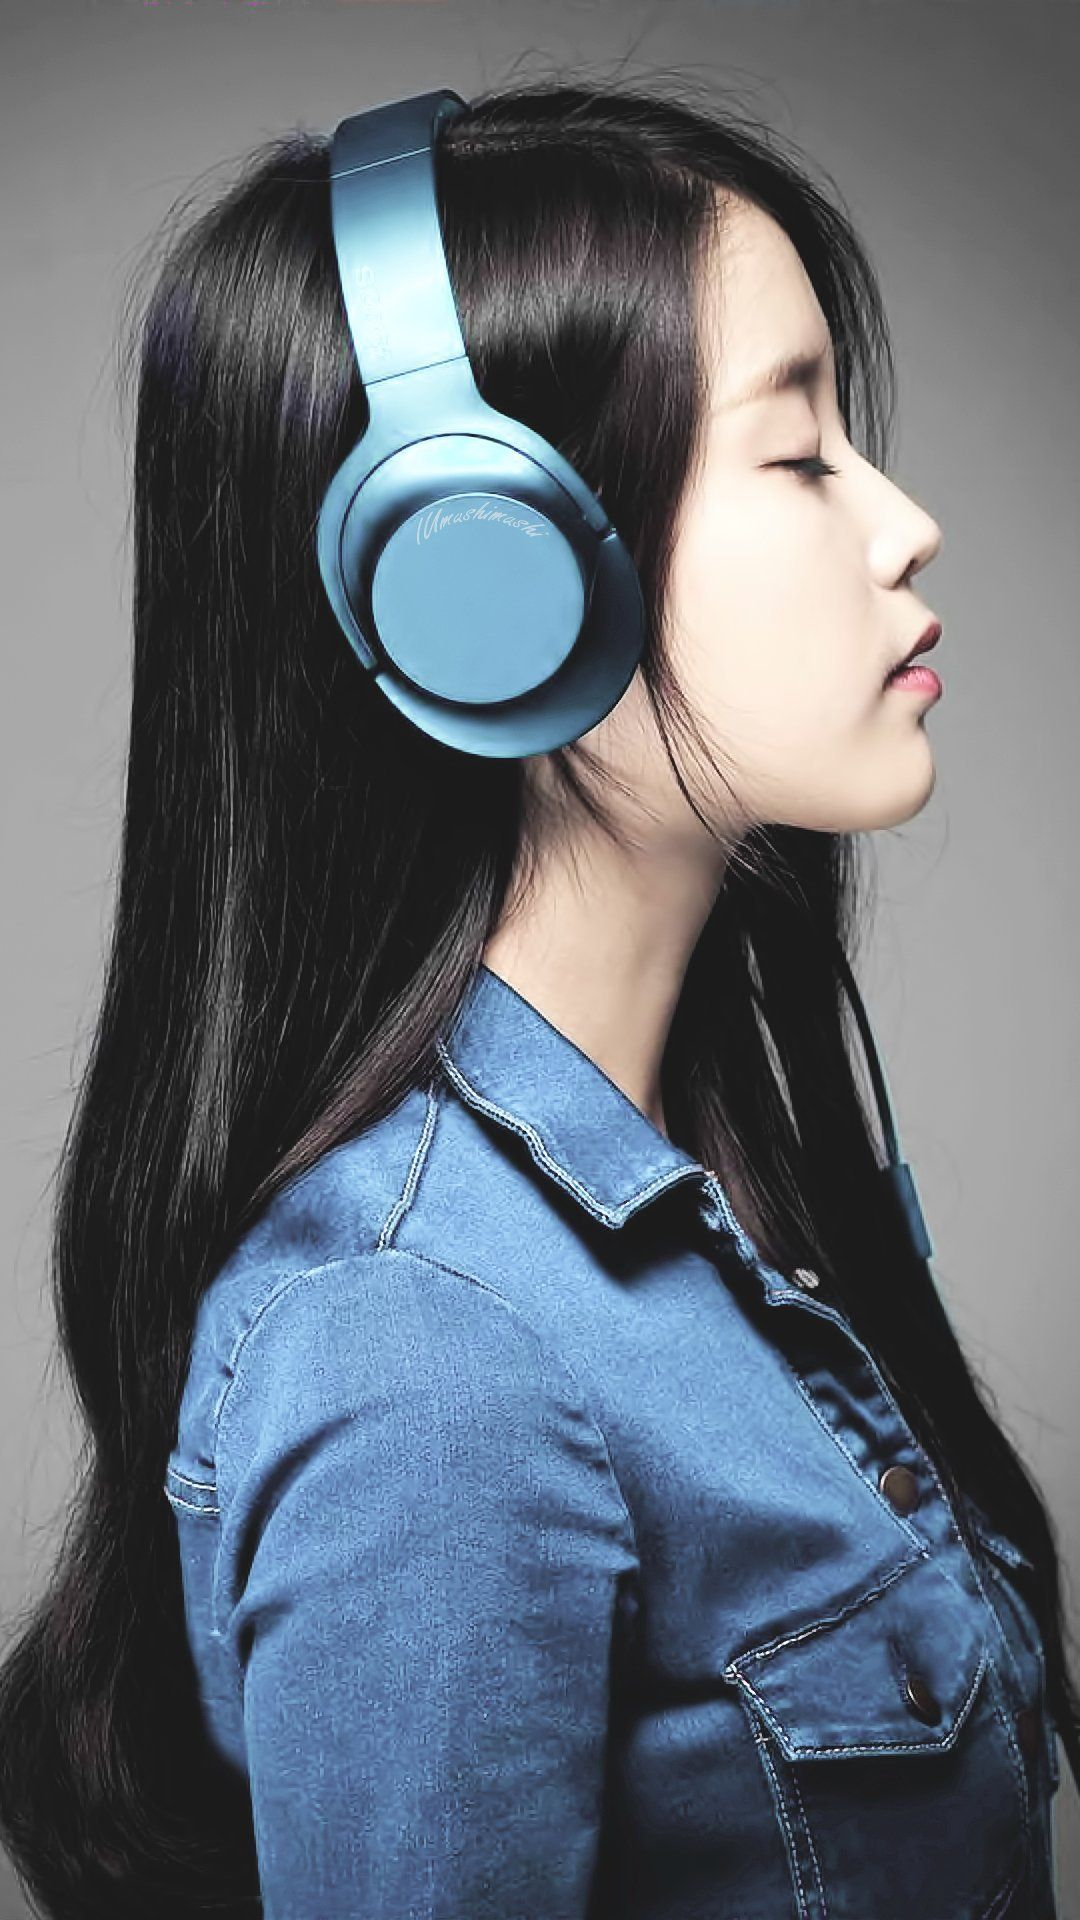 Iu Mobile Wallpaper 1080x1920 Girl With Headphones Headphone Iu Fashion